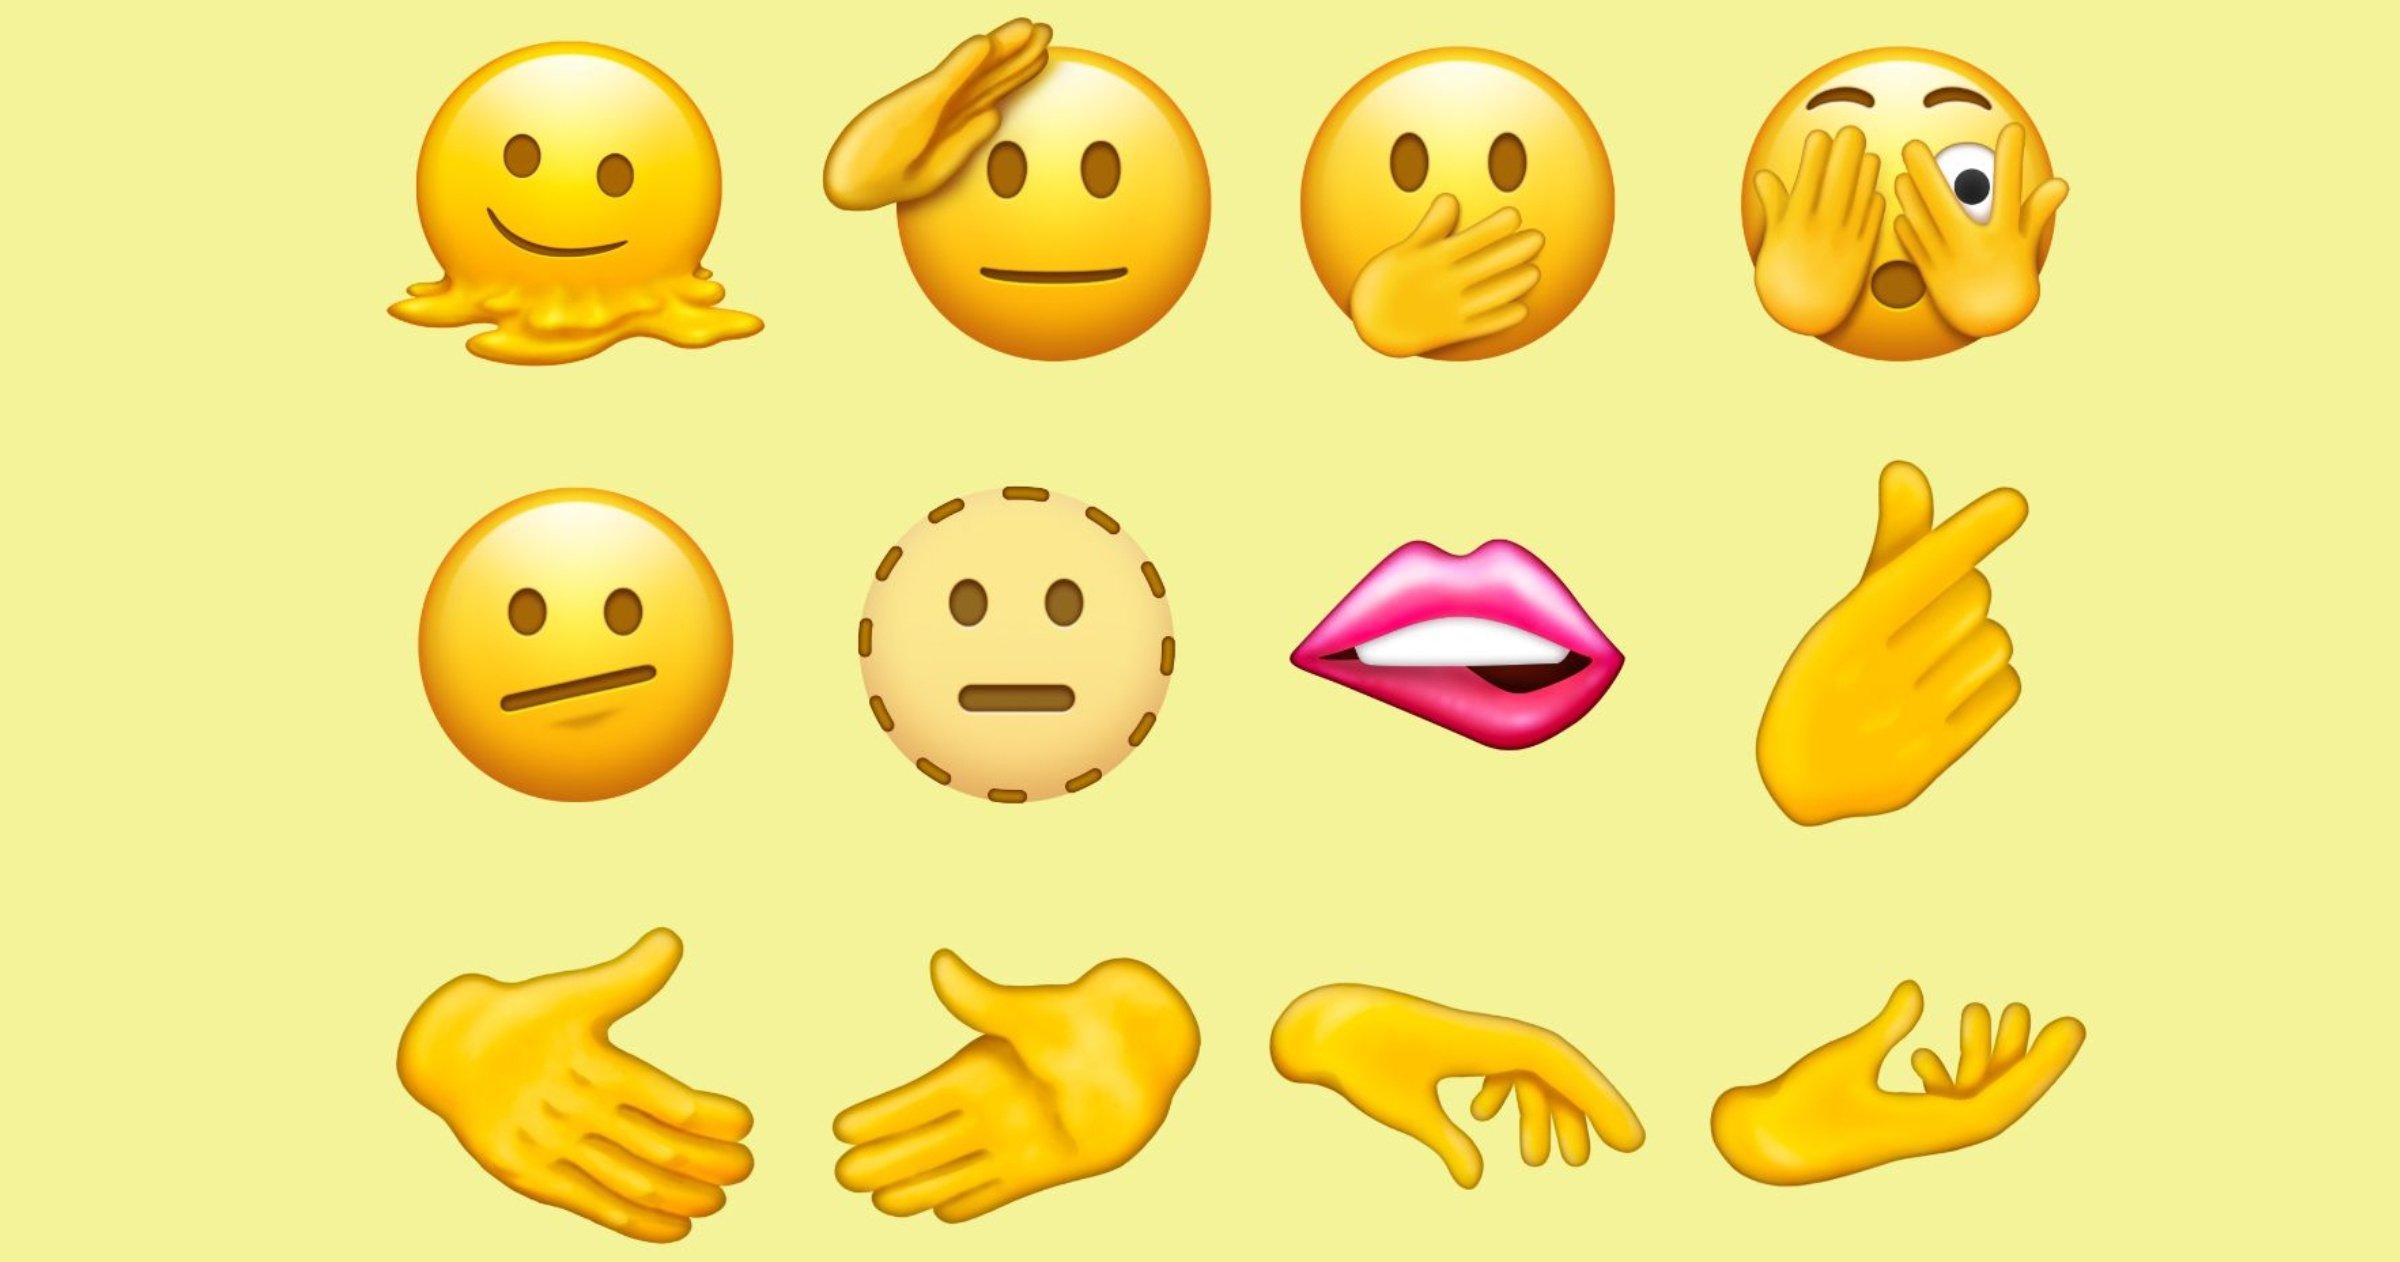 Nouveaux emojis pour 2021